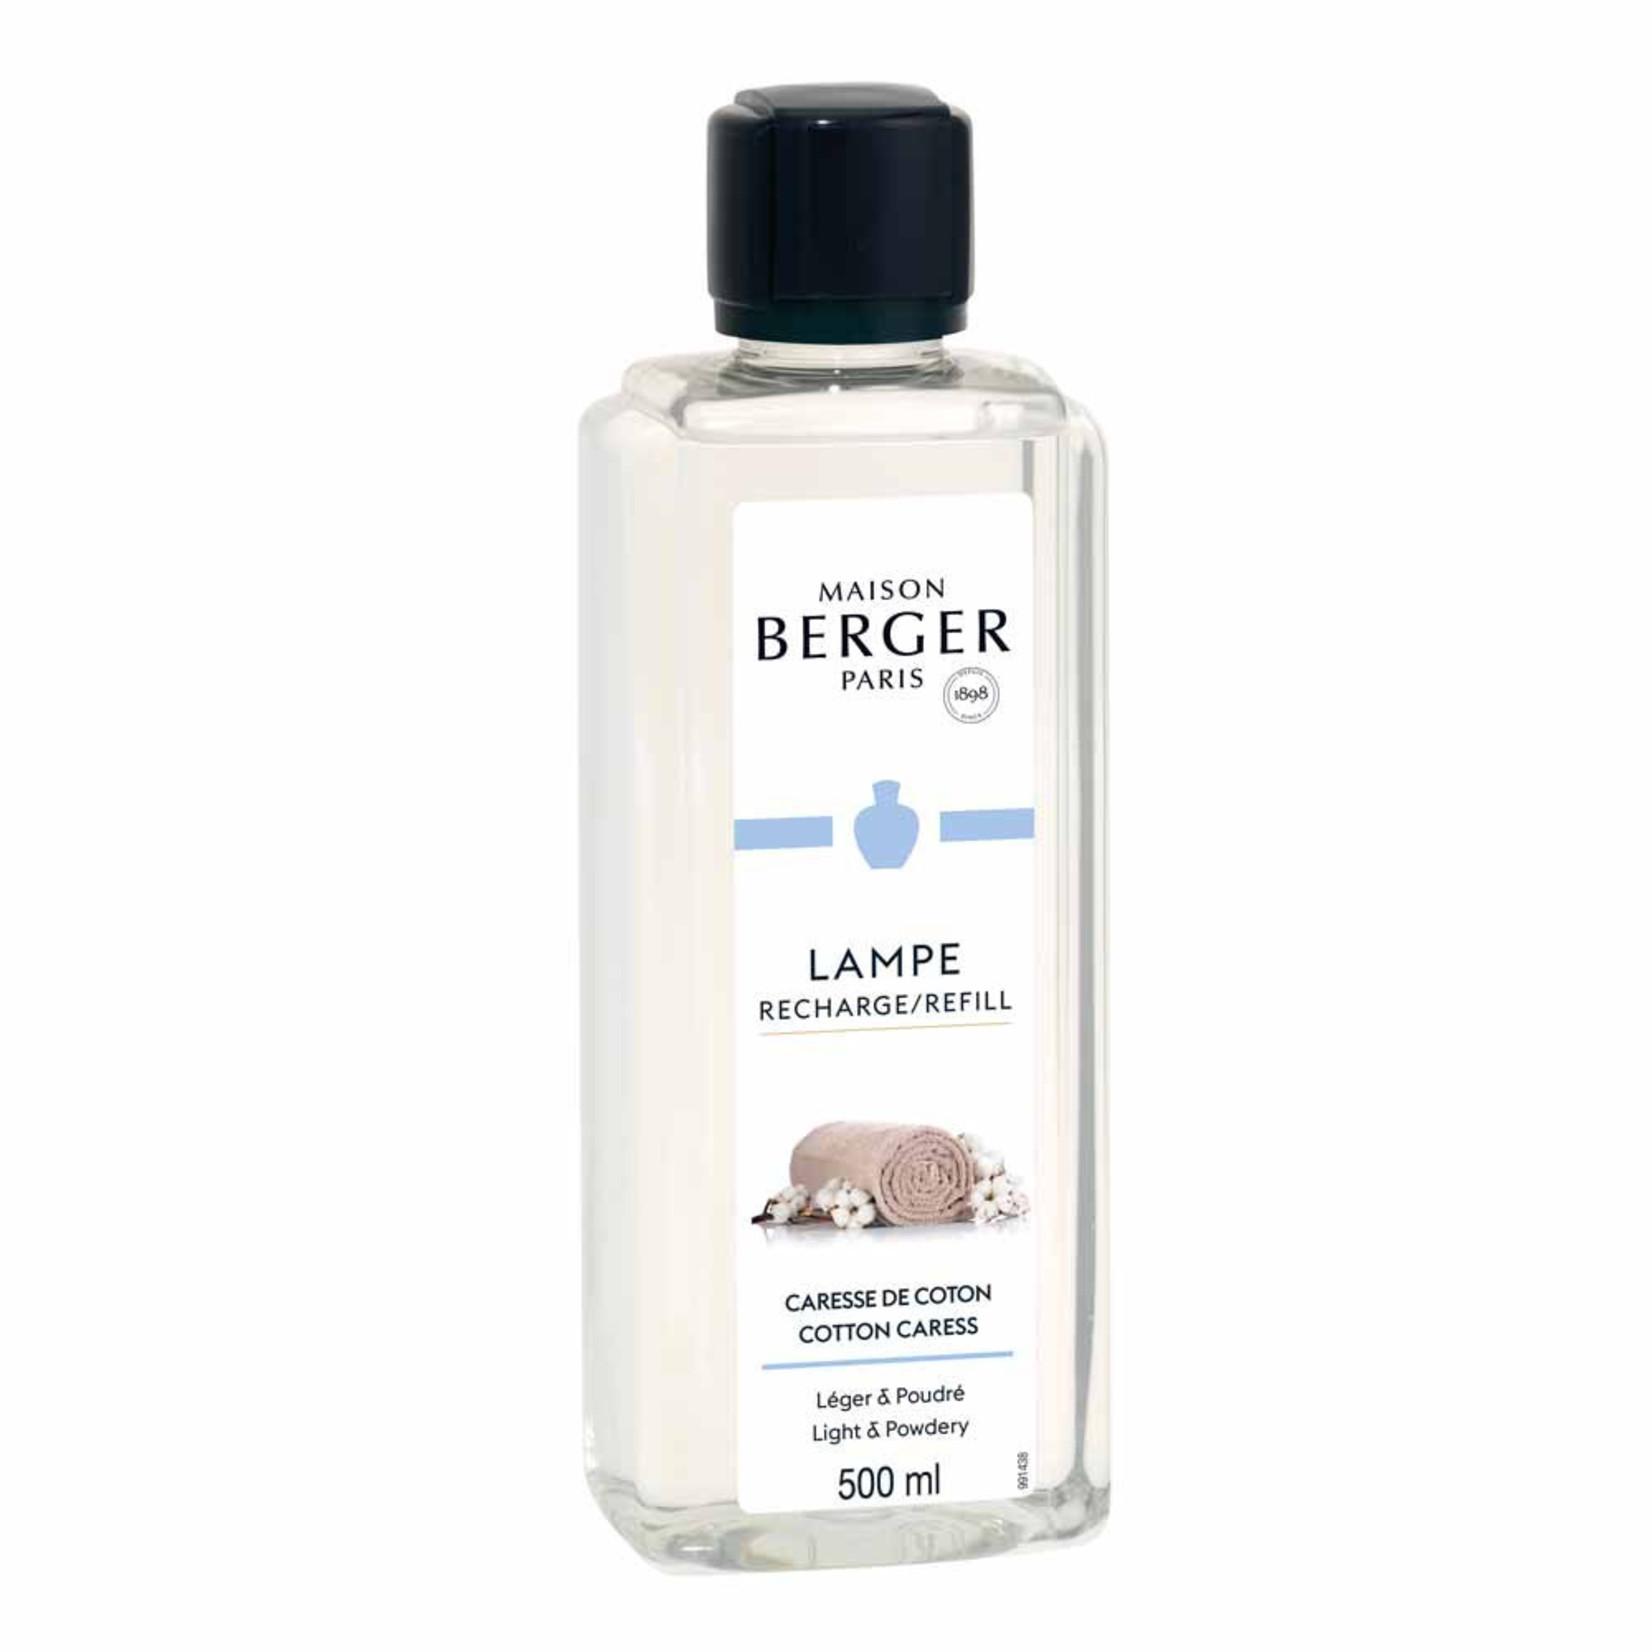 Maison Berger Paris Cotton Caress Lamp Fragrance